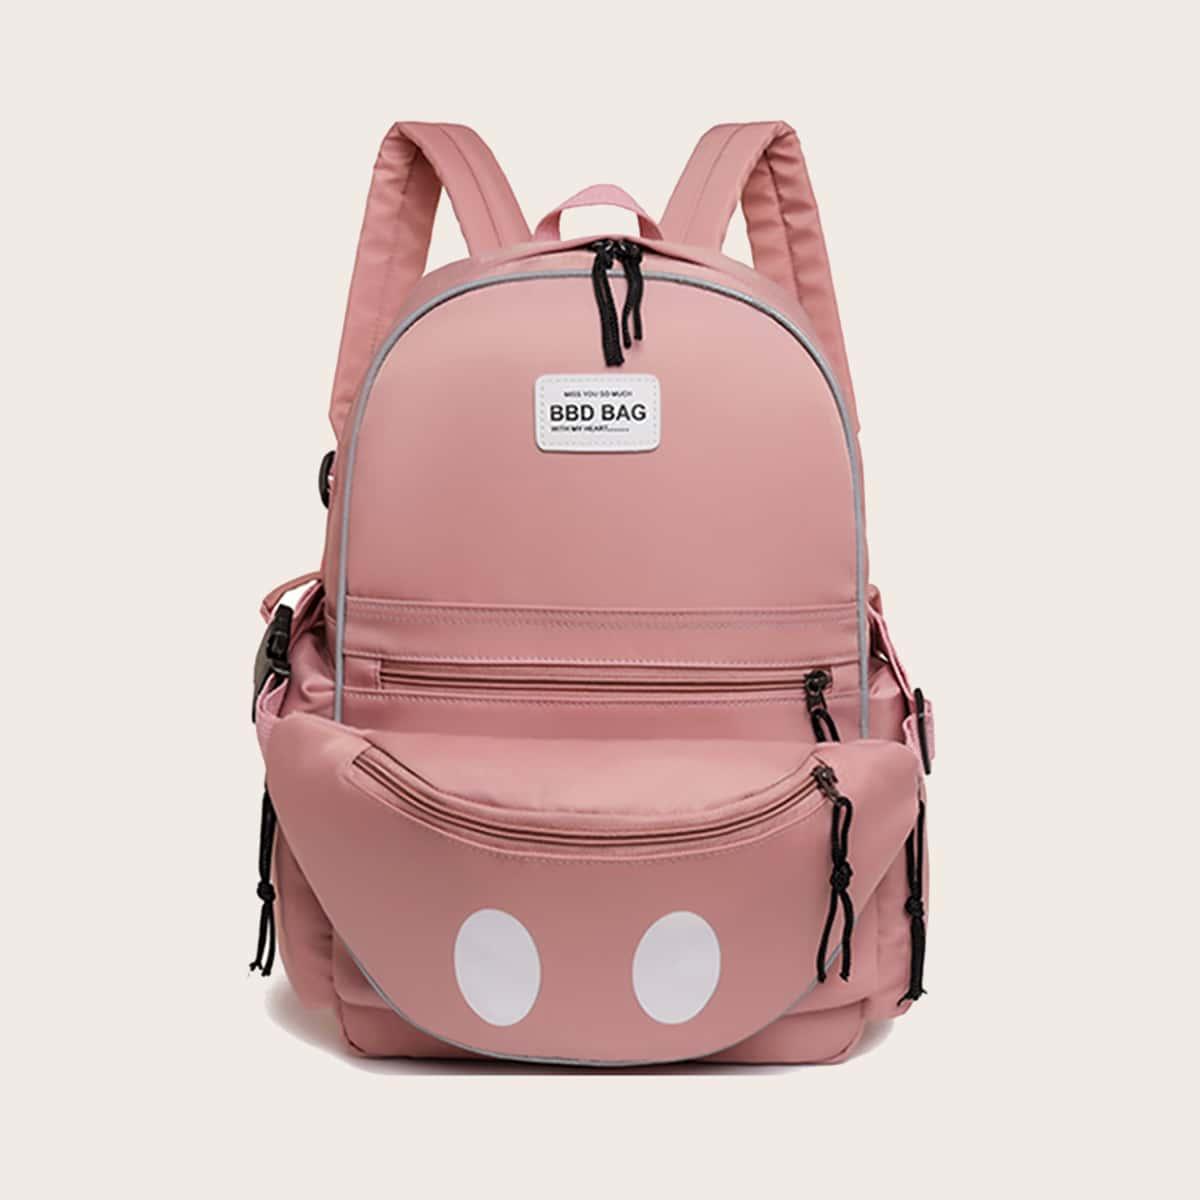 Рюкзак и поясная сумка на молнии